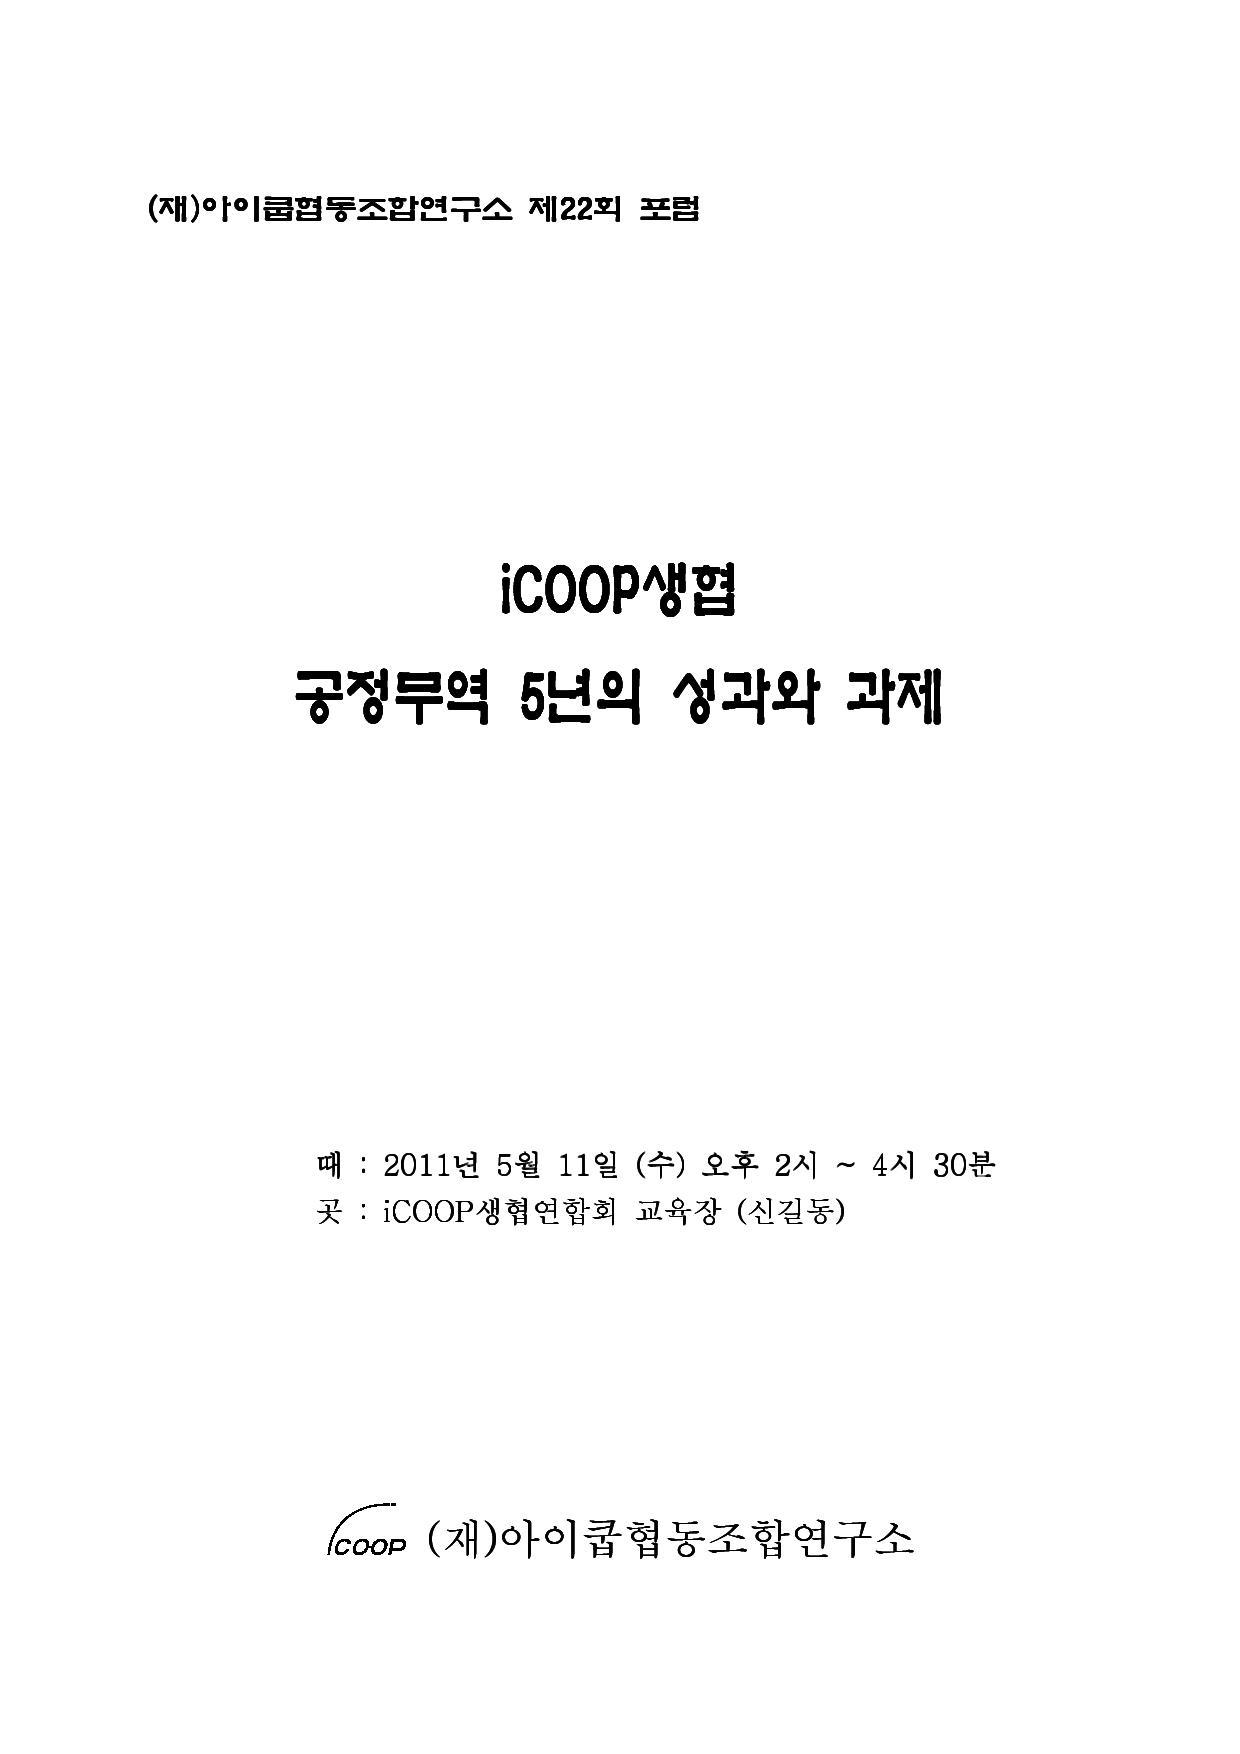 56_(제22회 포럼 자료집) 『공정무역 5년의 성과와 과제』1.jpg